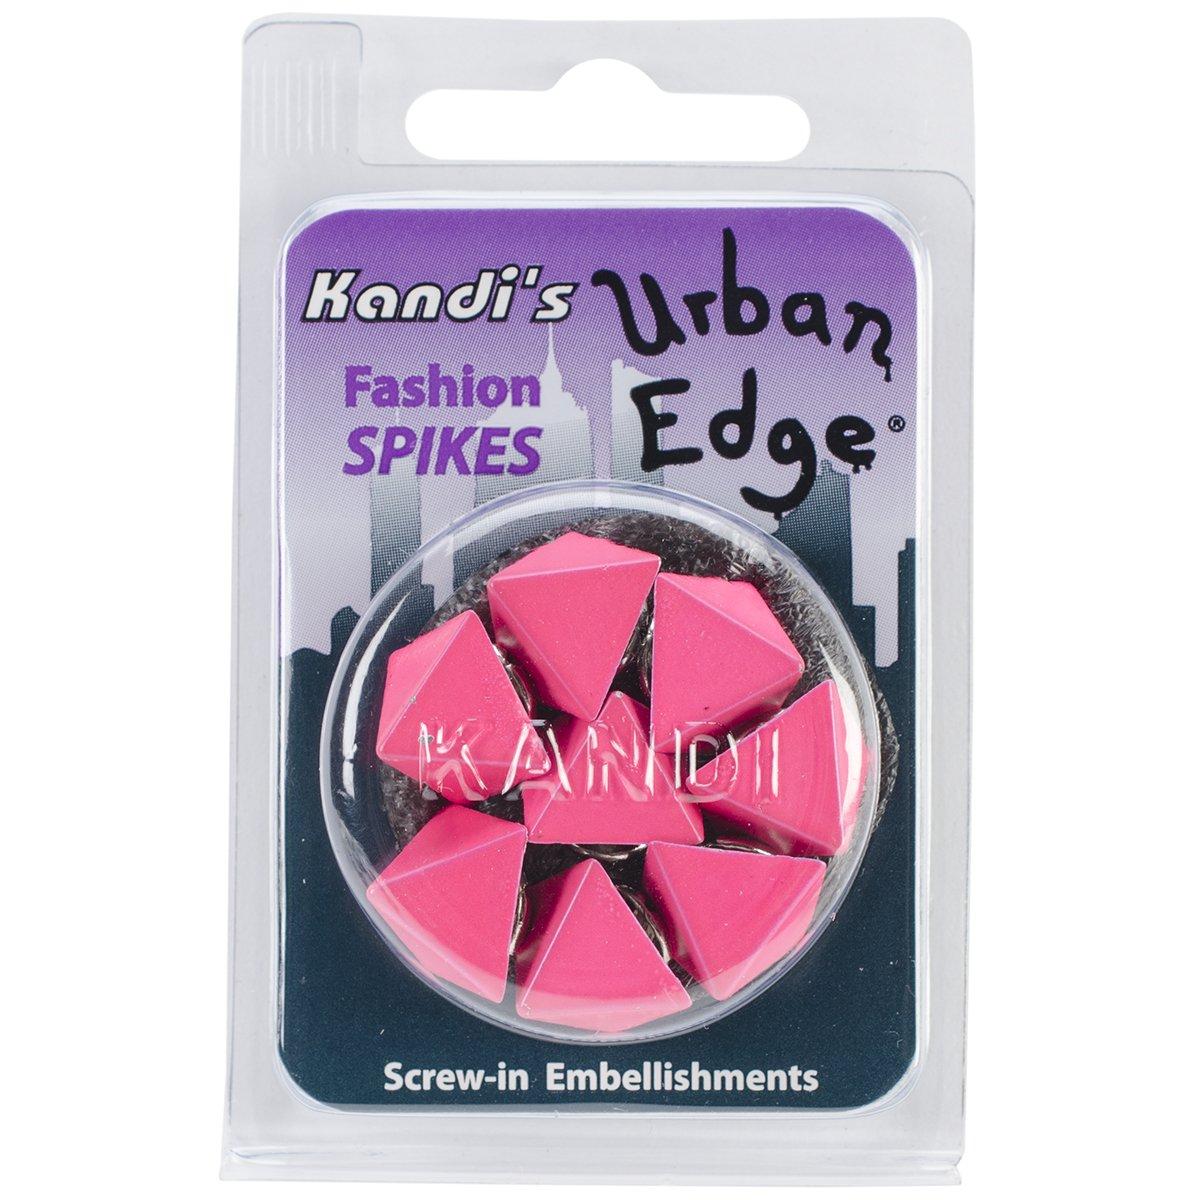 Urban Edge Pyramid Screwback Spike 13mmx9mm 8/Pkg-Watermelon Pink (並行輸入品)   B00JX1NOPA